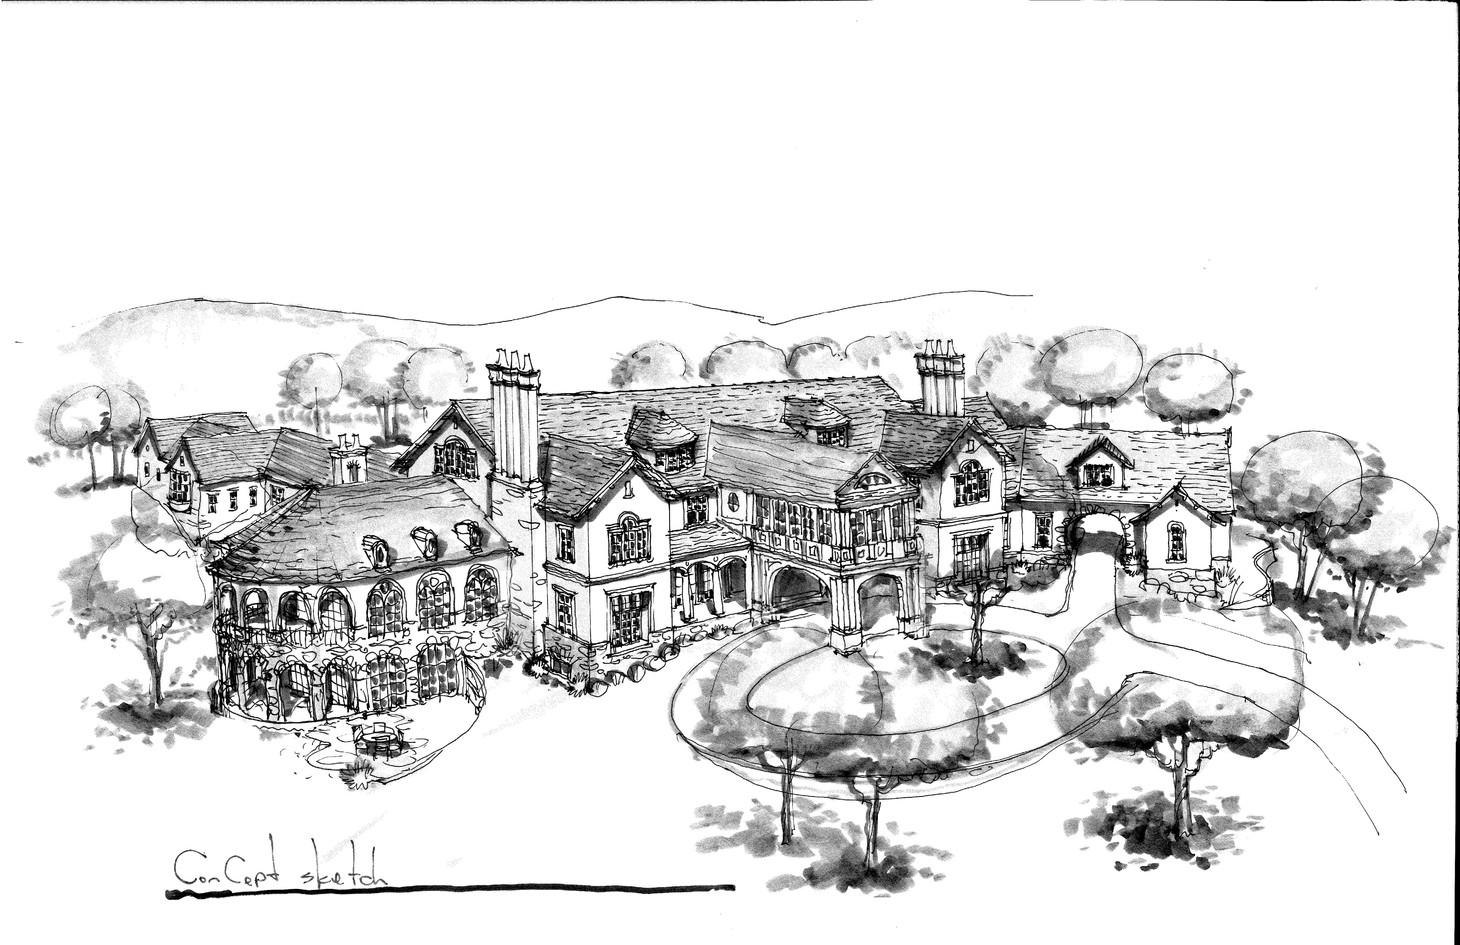 Westlake Concept Sketch